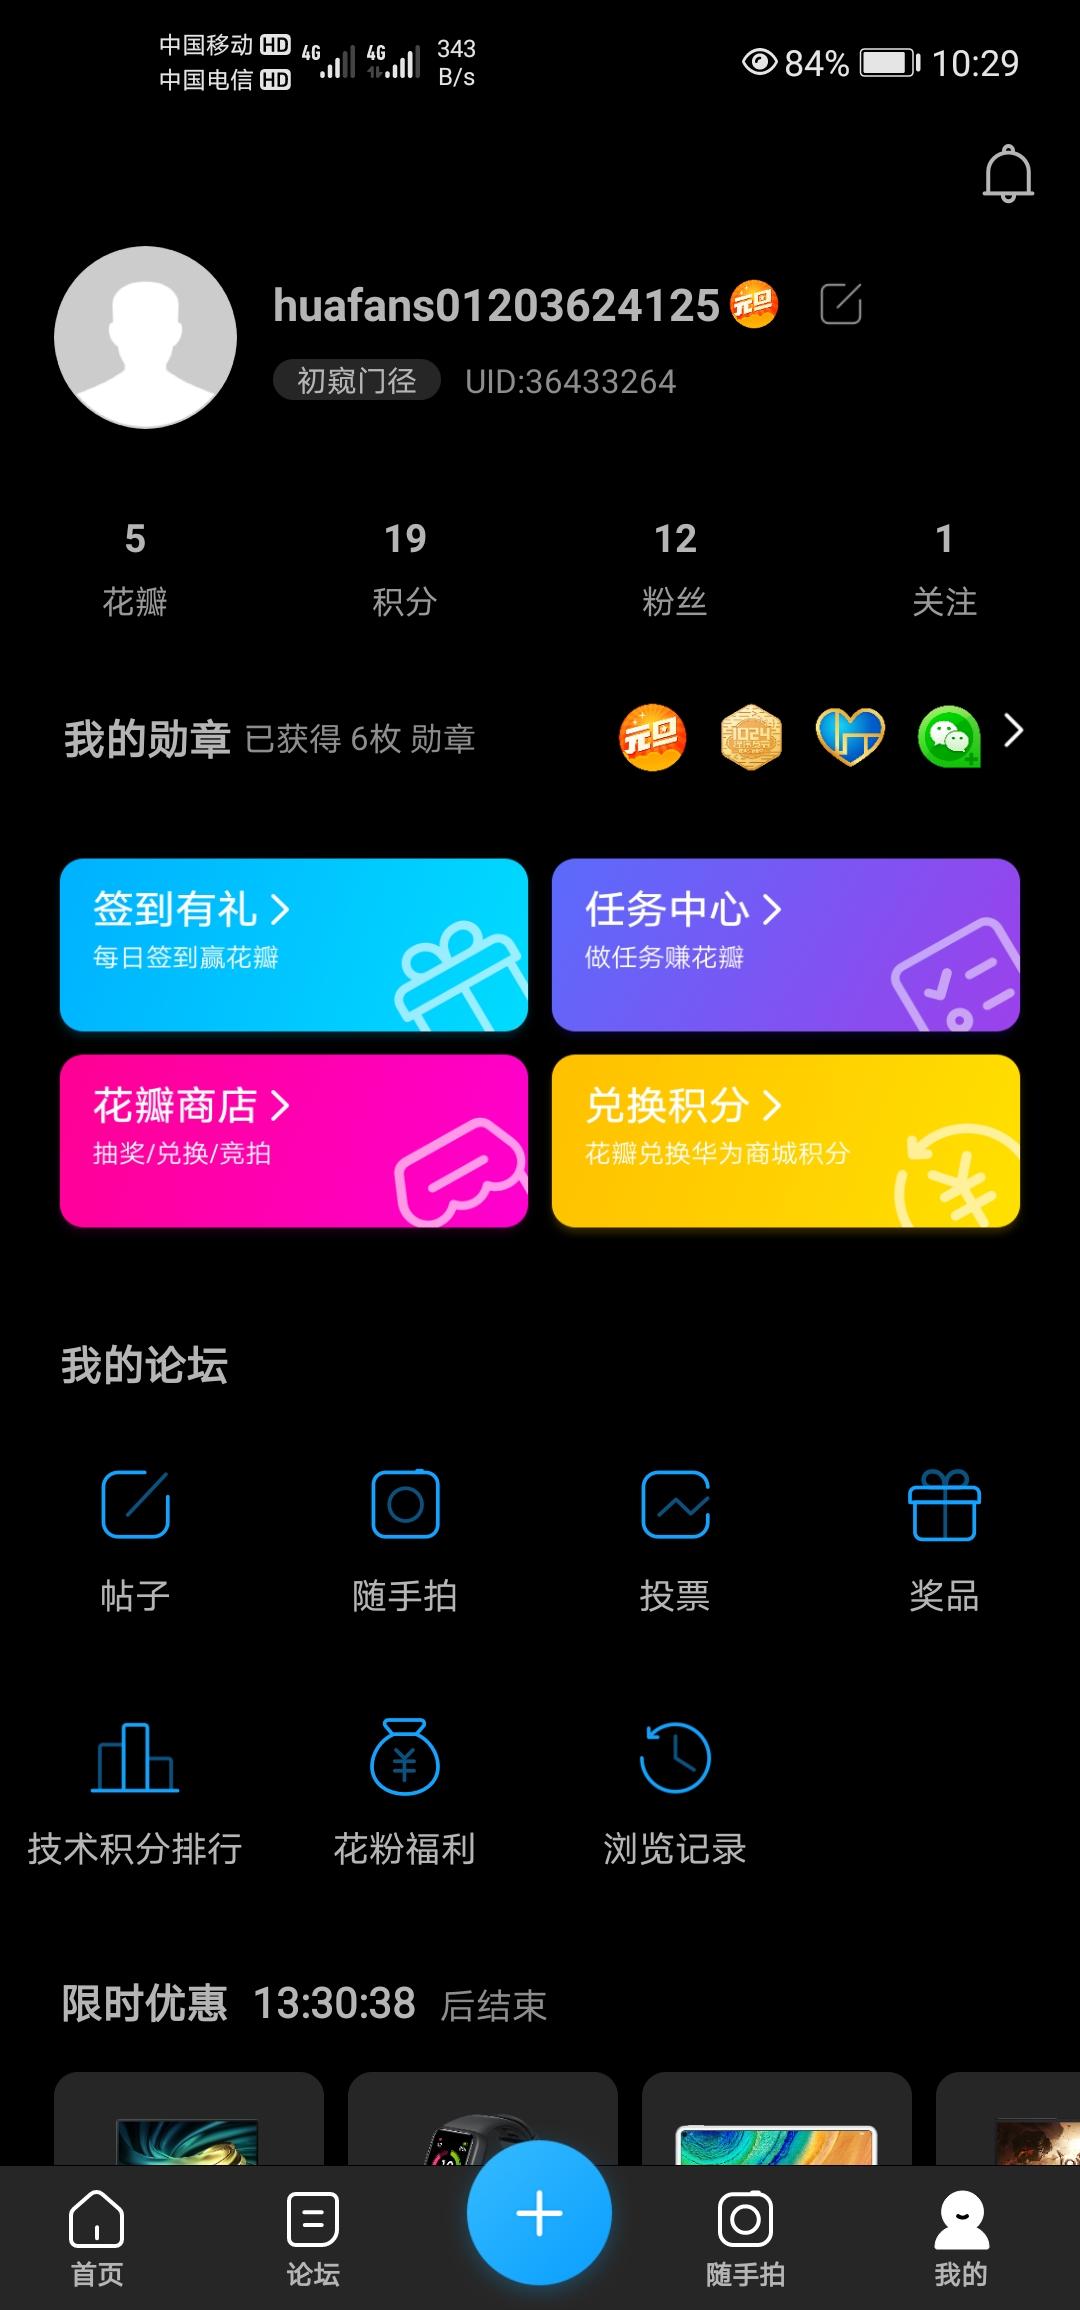 Screenshot_20201118_102920_com.huawei.fans.jpg